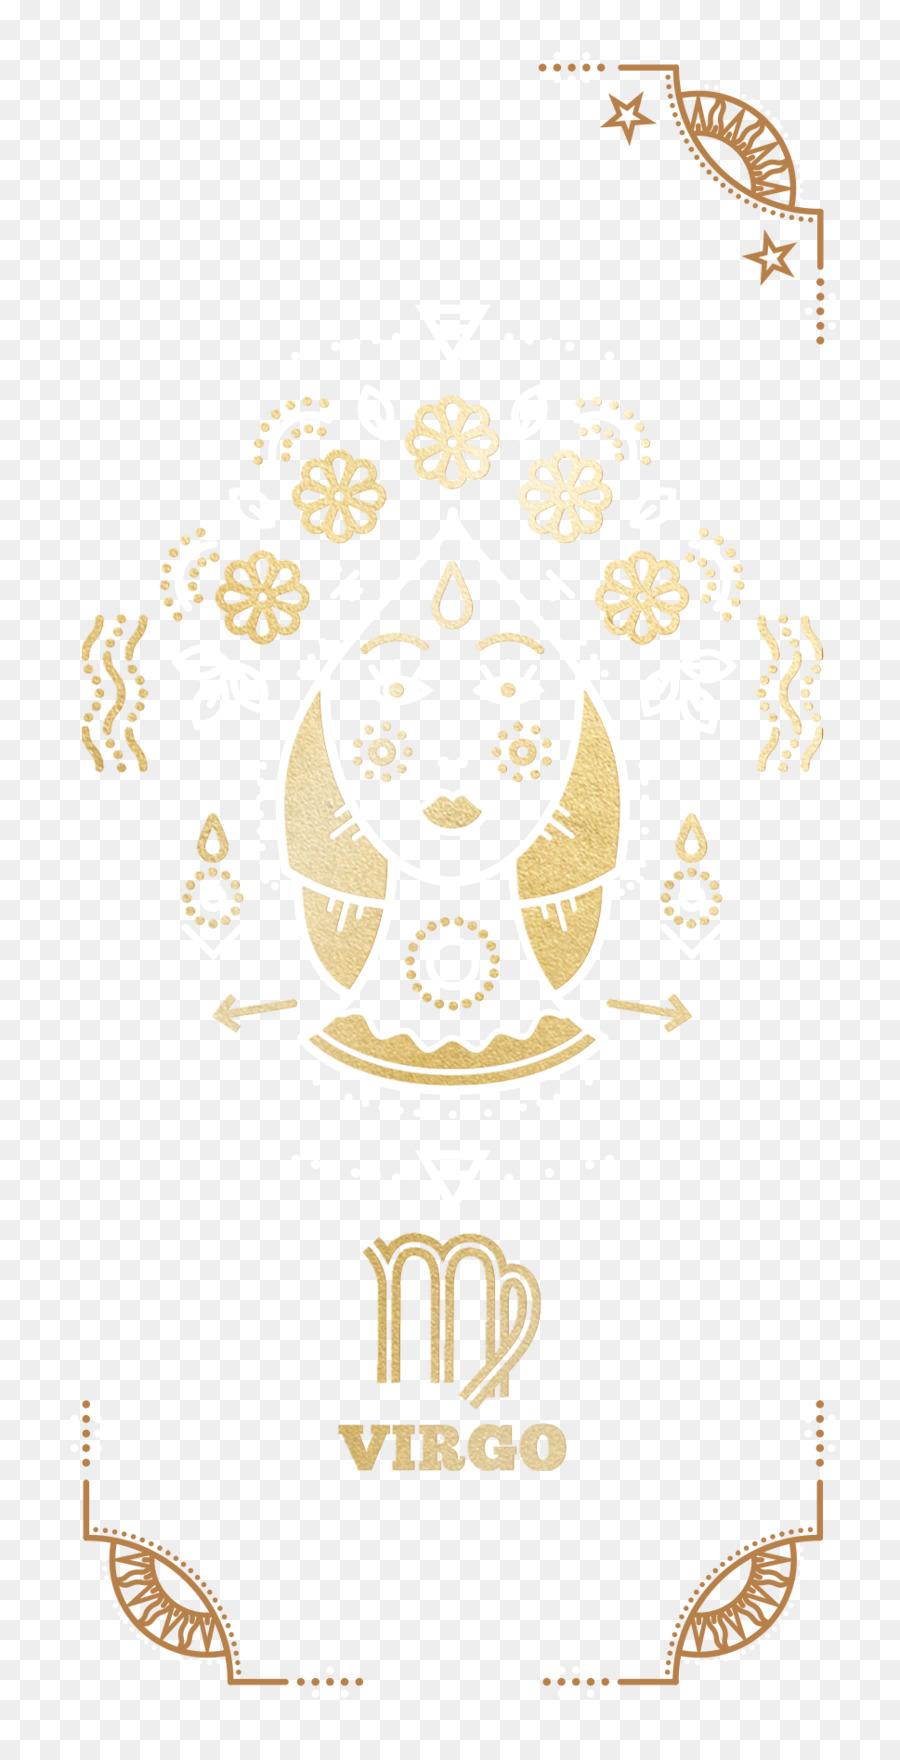 55 Gambar Hewan Zodiak Virgo Gratis Terbaru